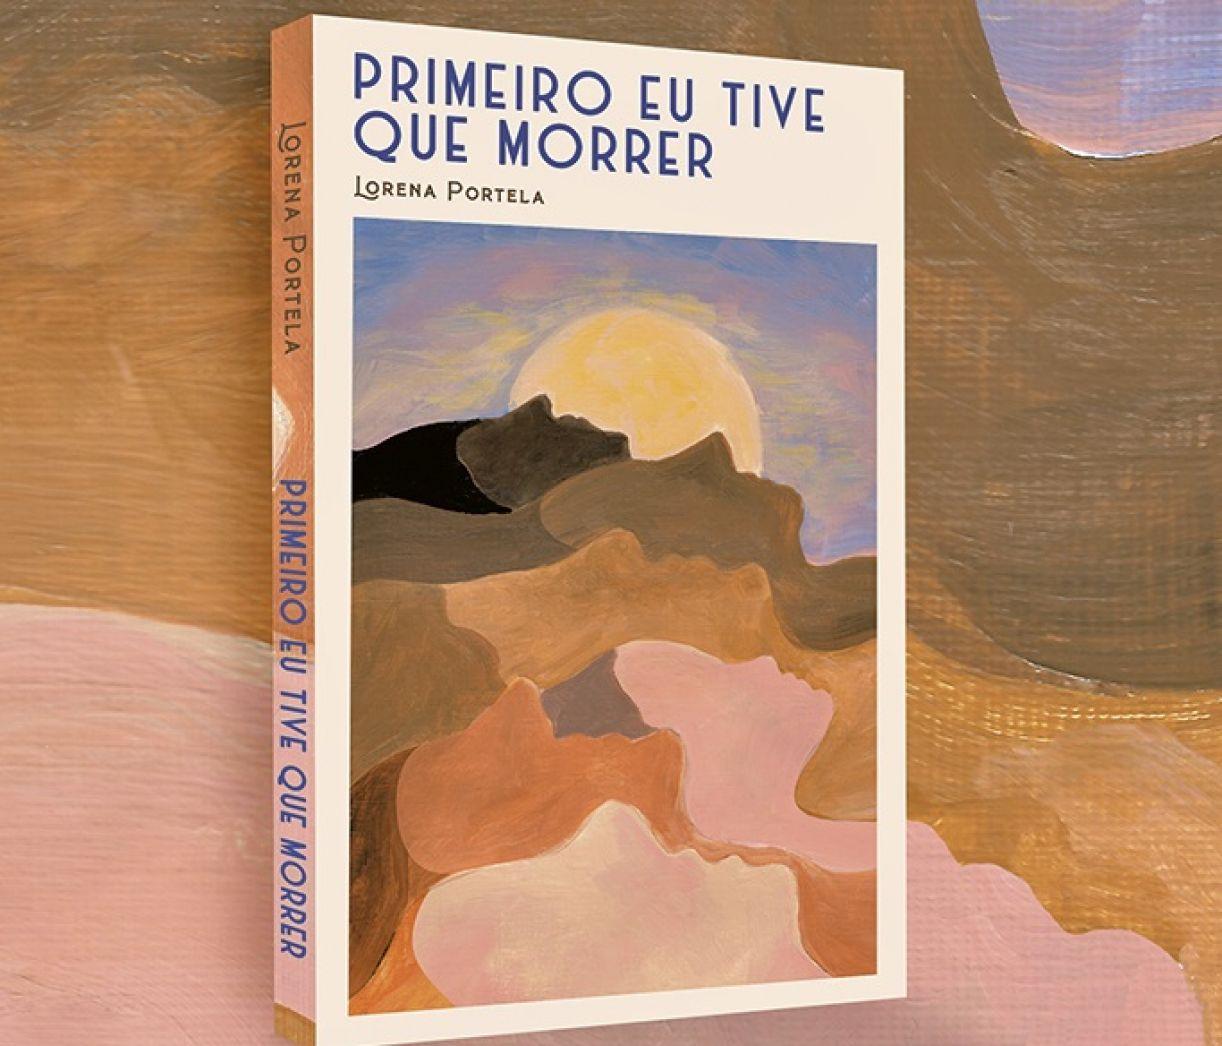 'Primeiro eu tive que morrer' é a estreia em livro de Lorena Portela